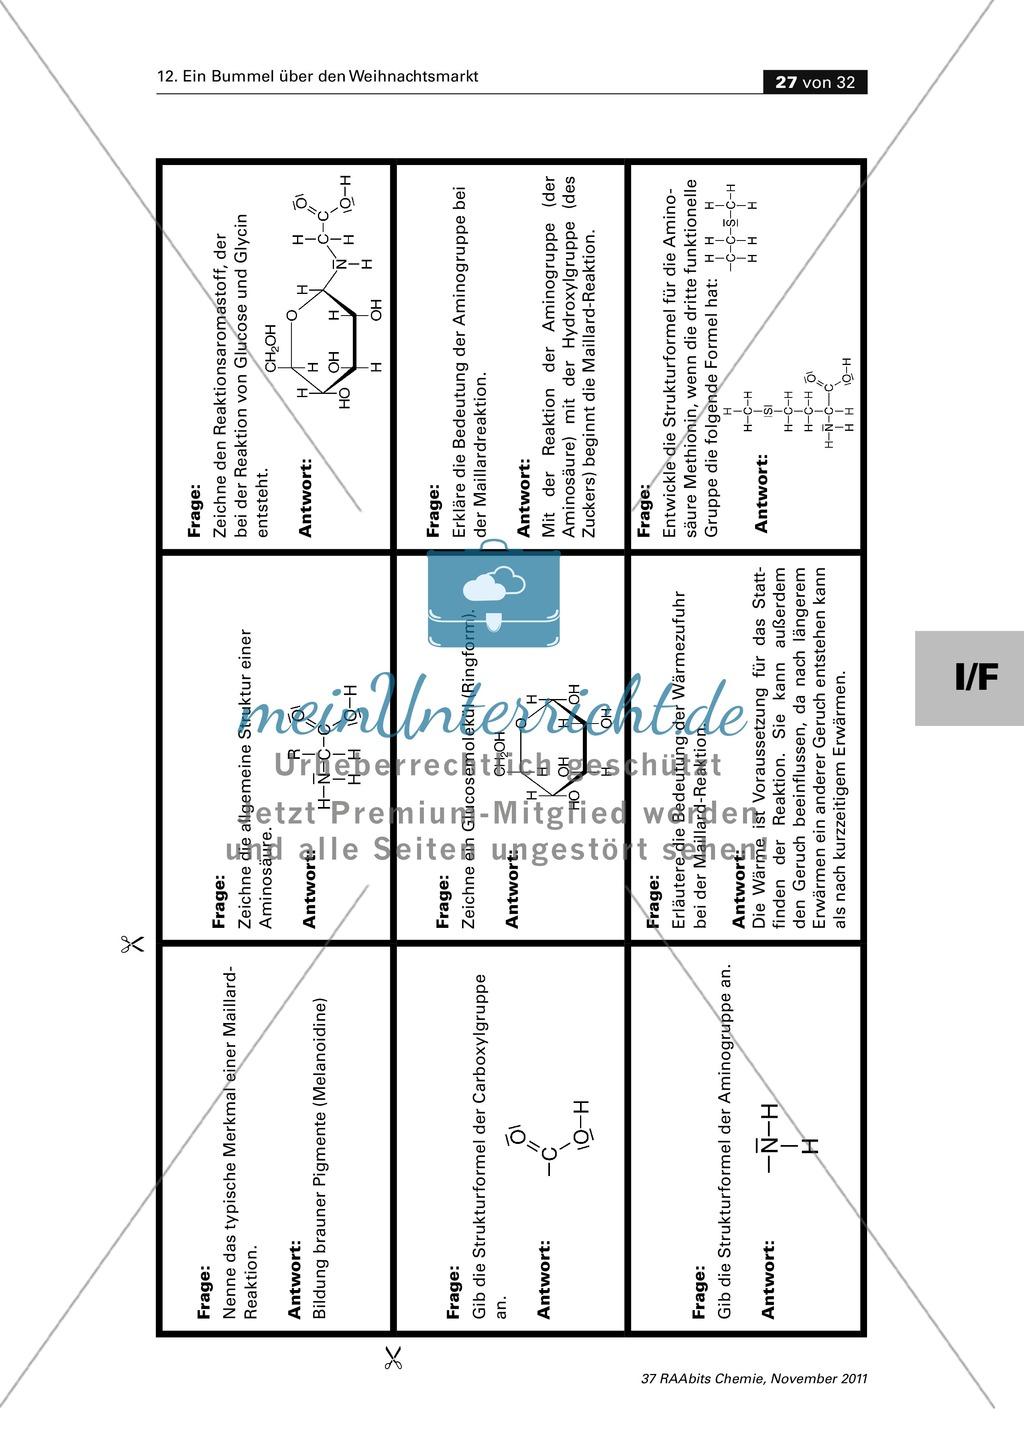 Organische Chemie an Stationen - Bummel über den Weihnachtsmarkt Preview 24